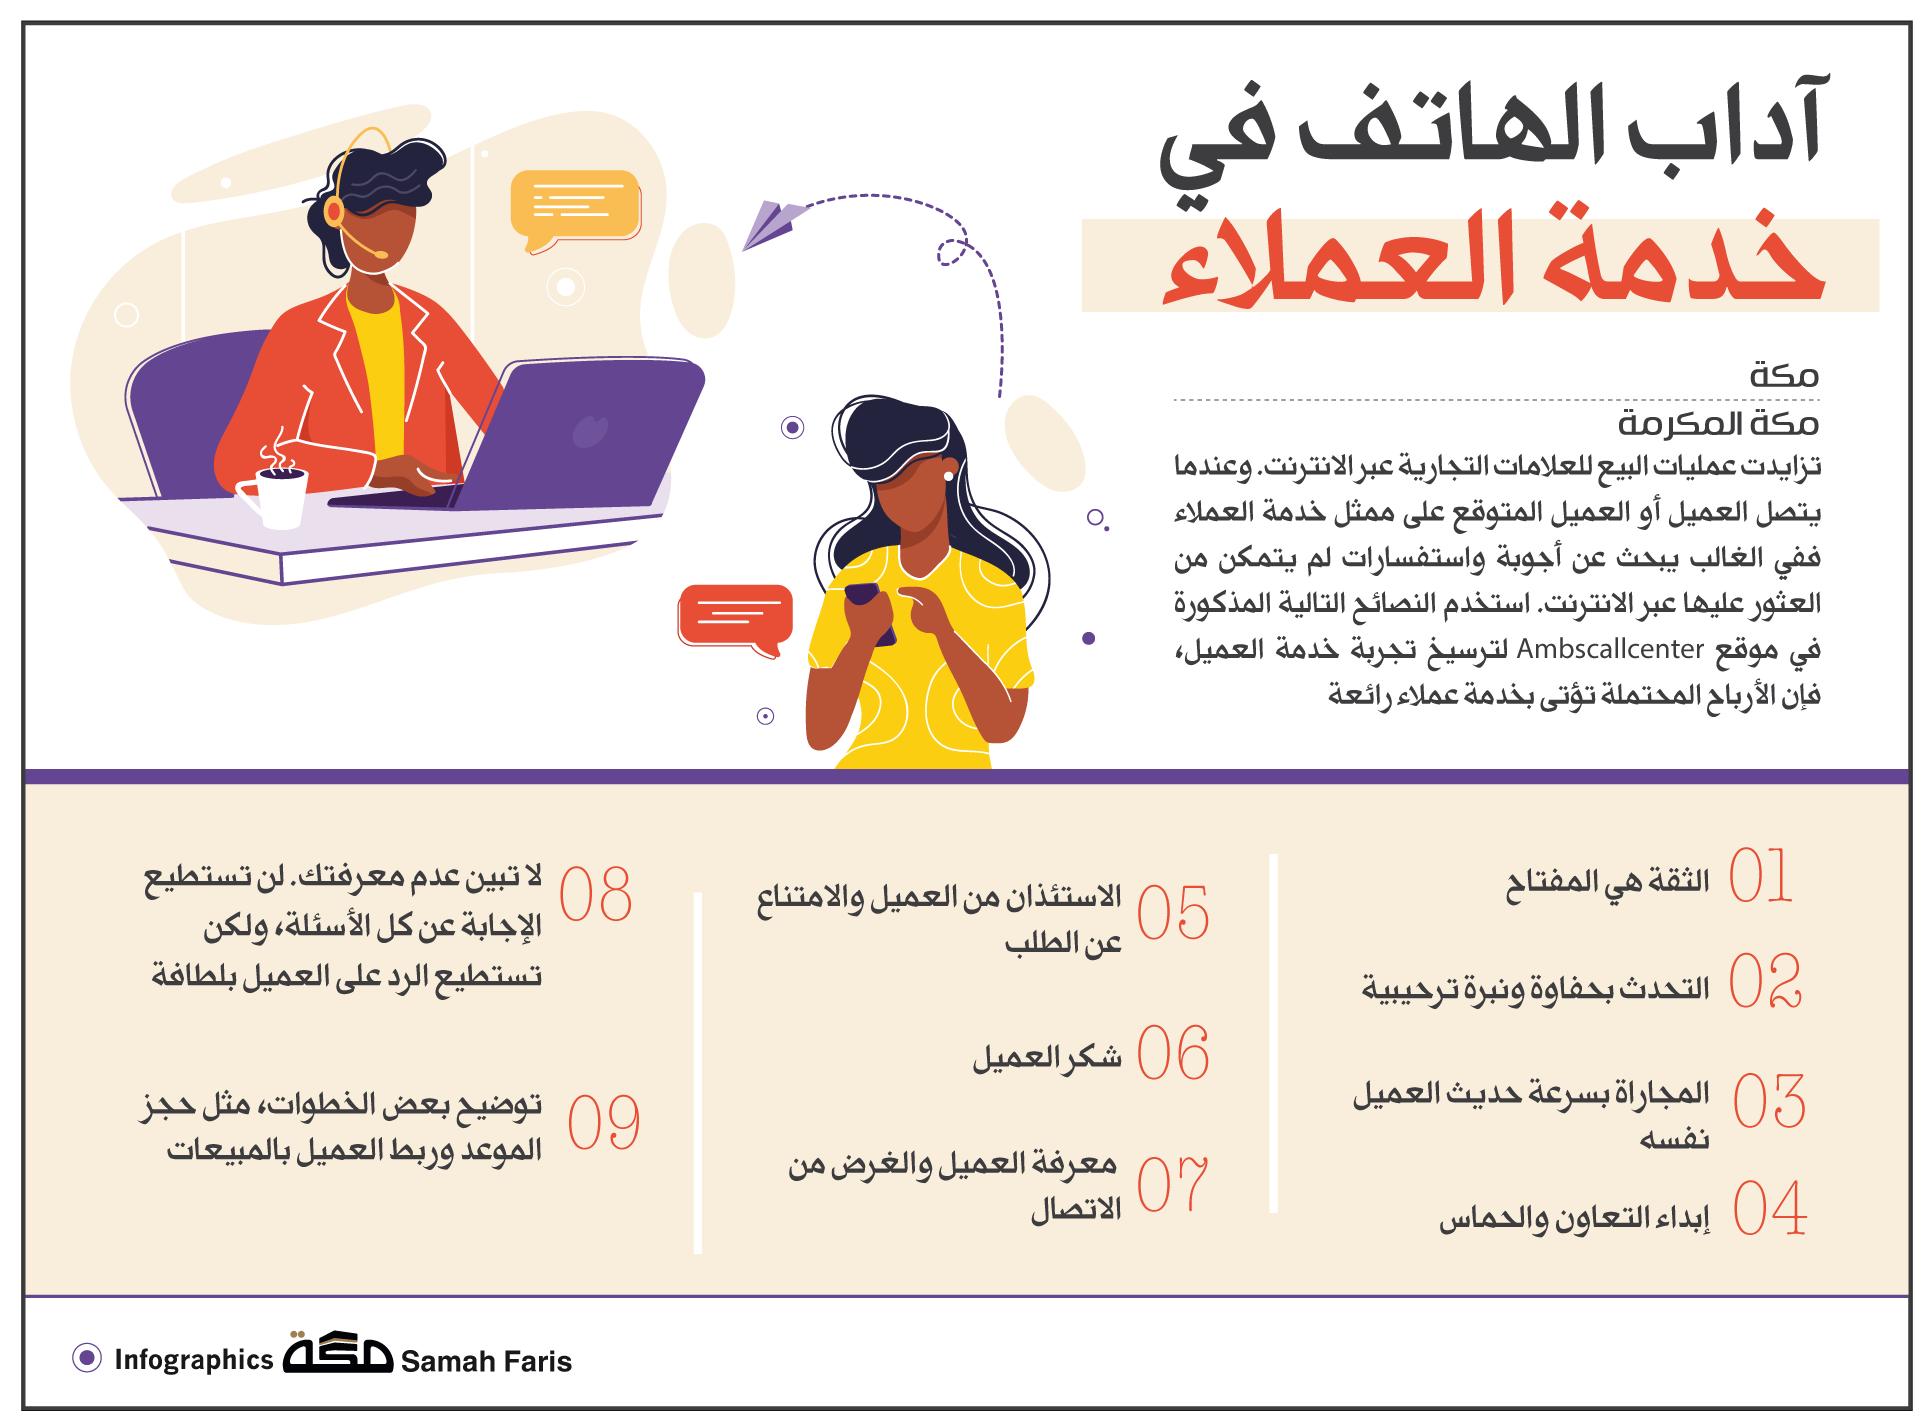 آداب الهاتف في خدمة العملاء صحيفة مكة انفوجرافيك خدمة العملاء الآداب Asos Infographic